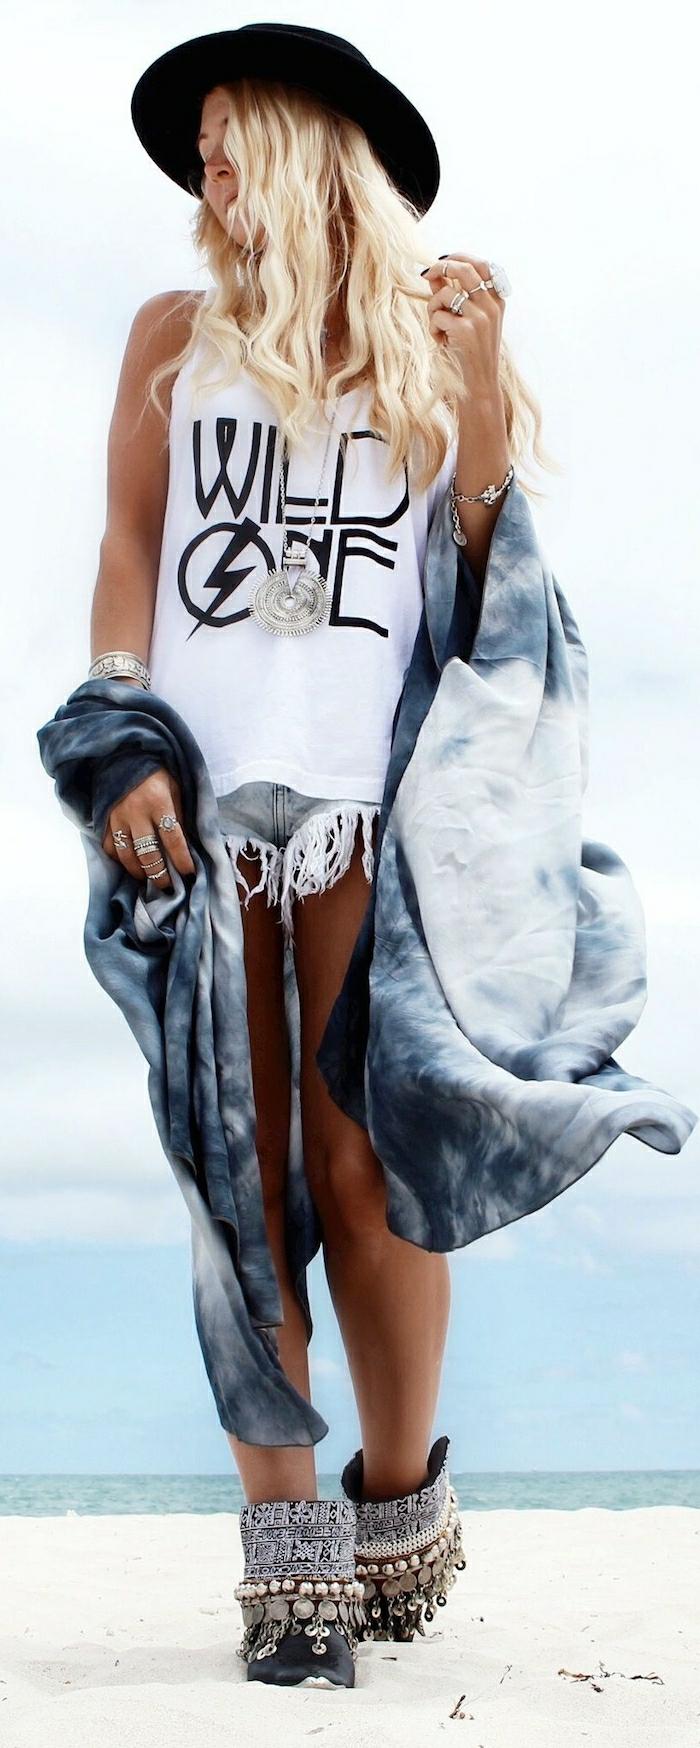 Vetements hippies qu est ce qu un hippie les années peace and love bottes été plage tenue jean short tee shirt tenue hippie